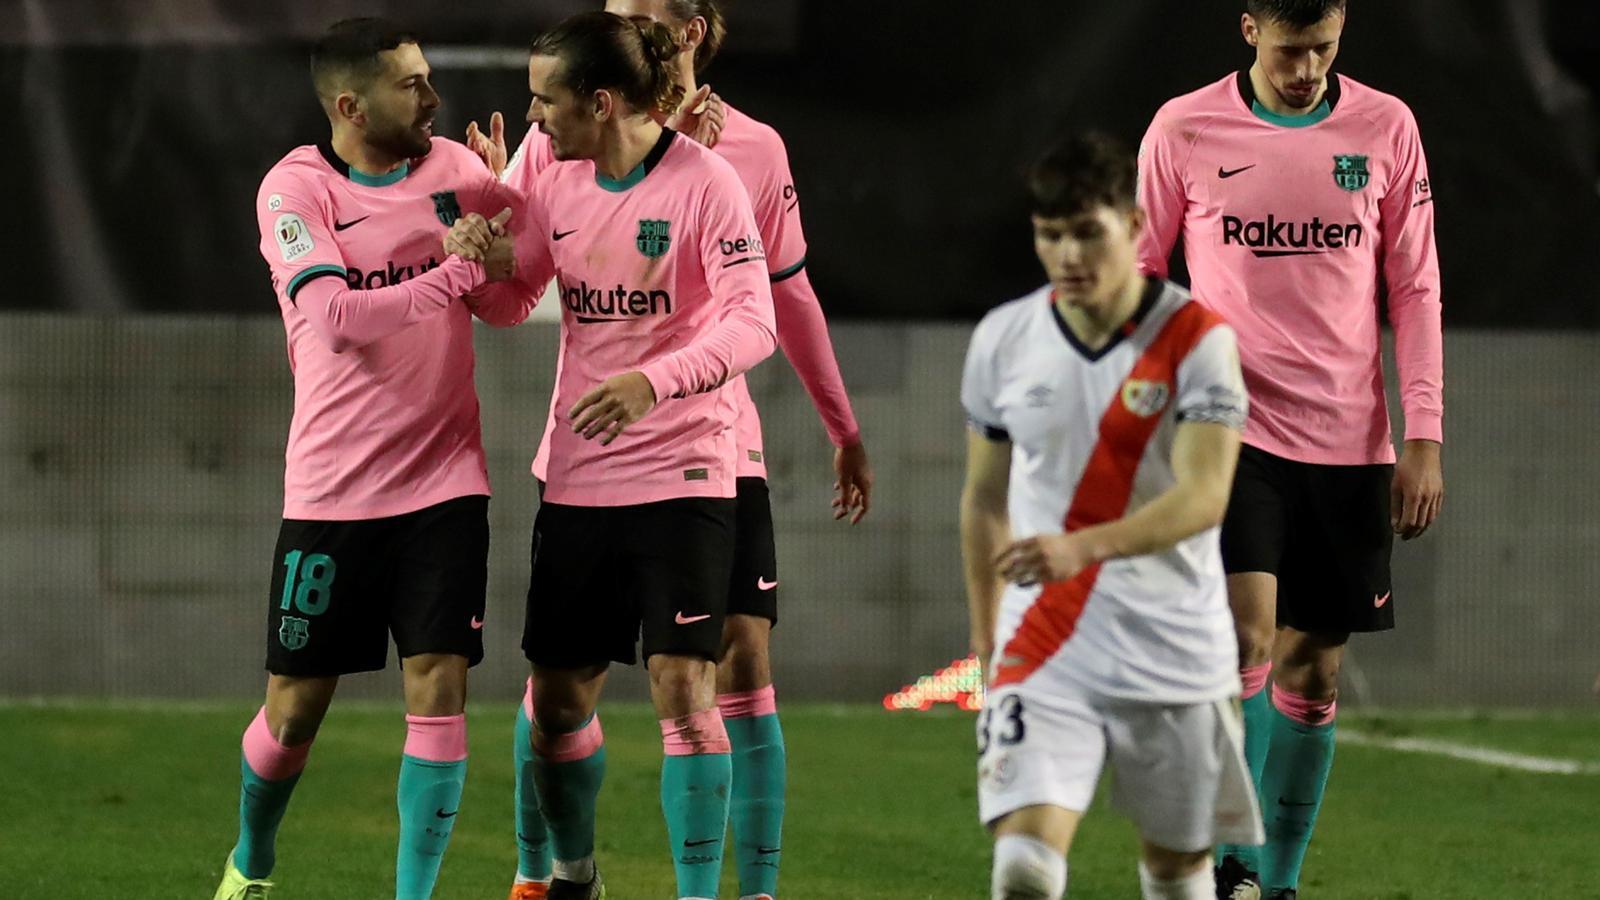 Lenglet necessita Piqué (i també Eric García): els apunts en calent del Rayo-Barça